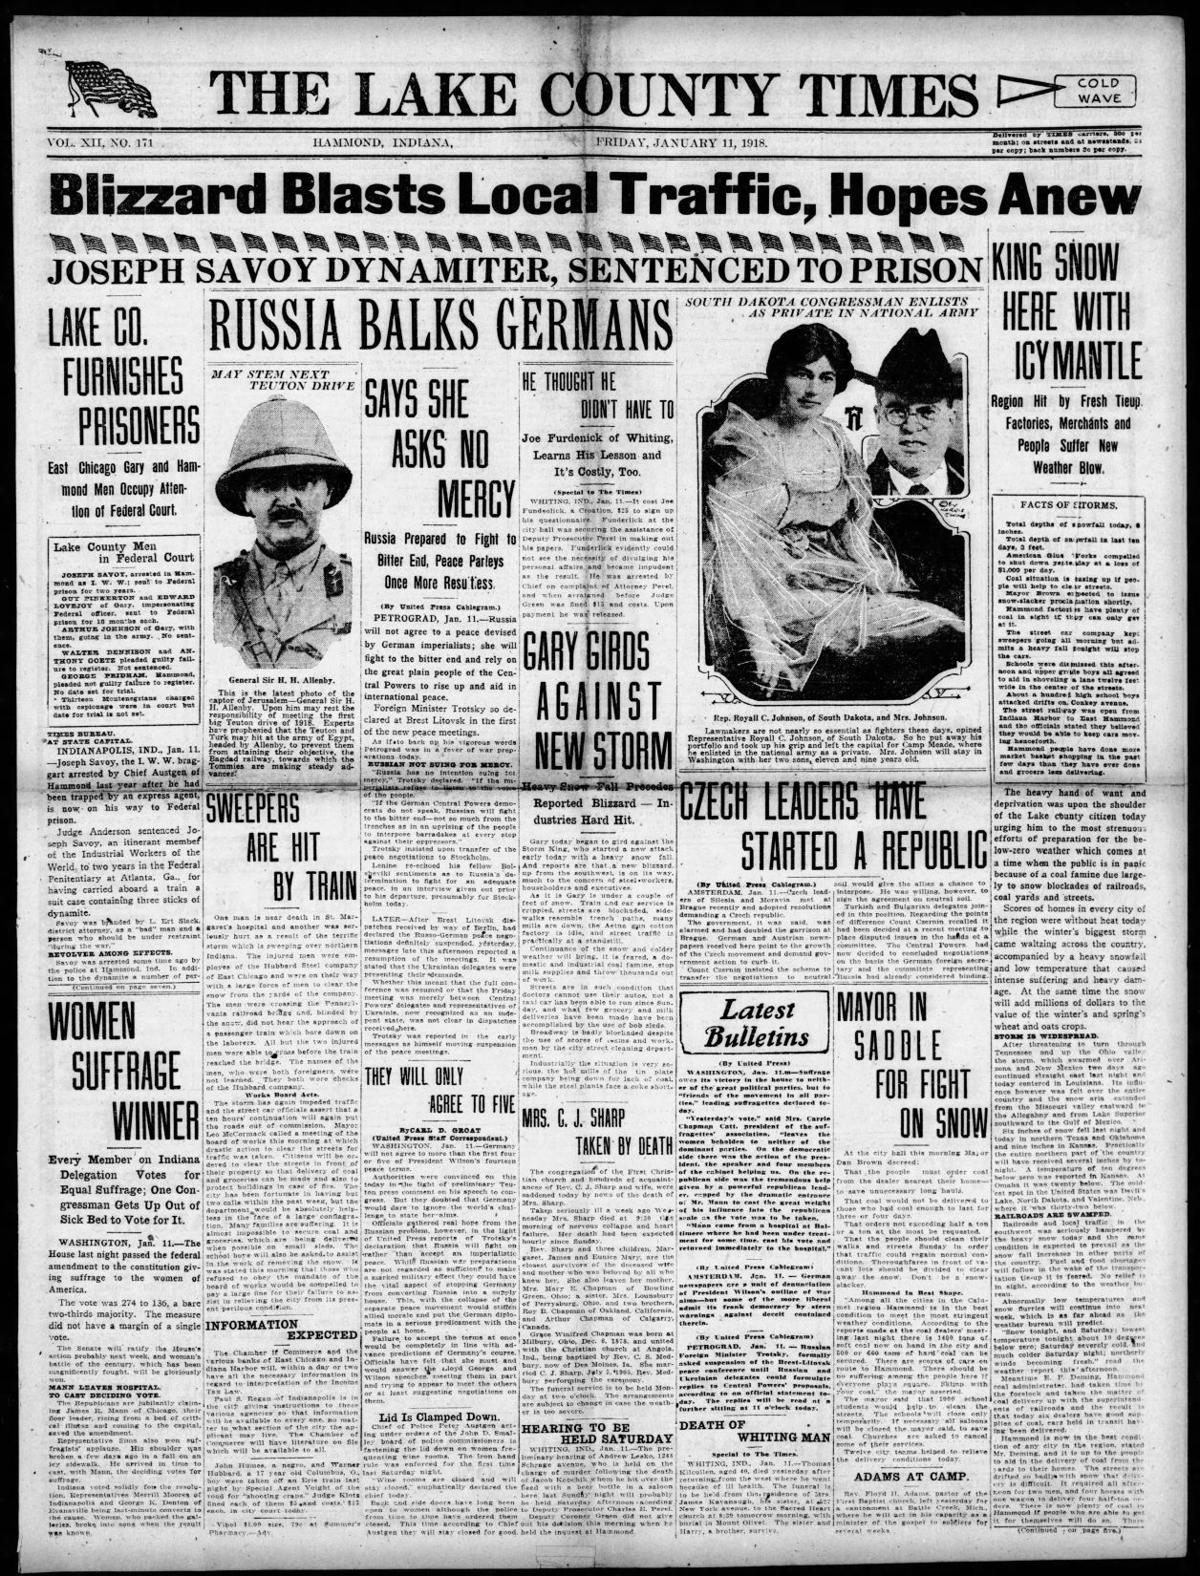 Jan. 11, 1918: Joseph Savoy Dynamiter, Sentenced to Prison